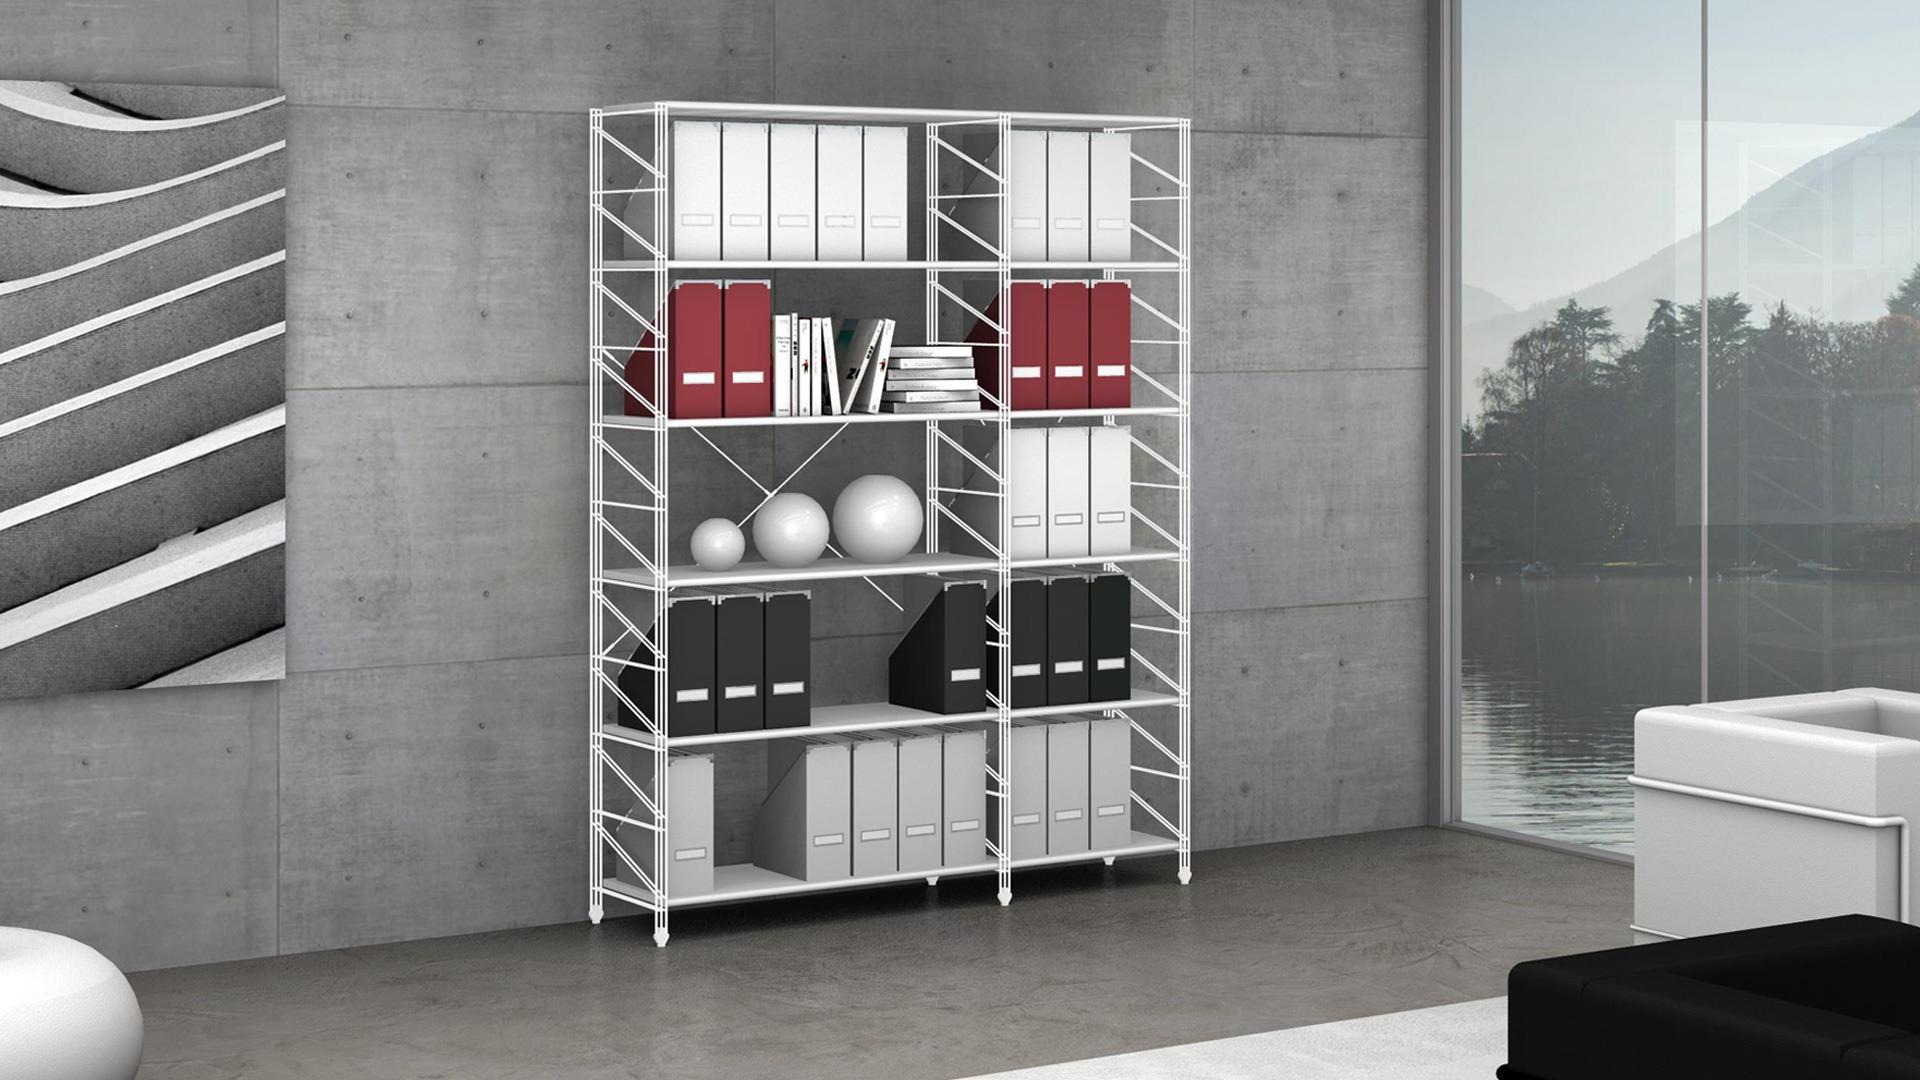 Libreria Metallo Modulare.L0015 Librerie In Metallo Da 800 42 Fumustore